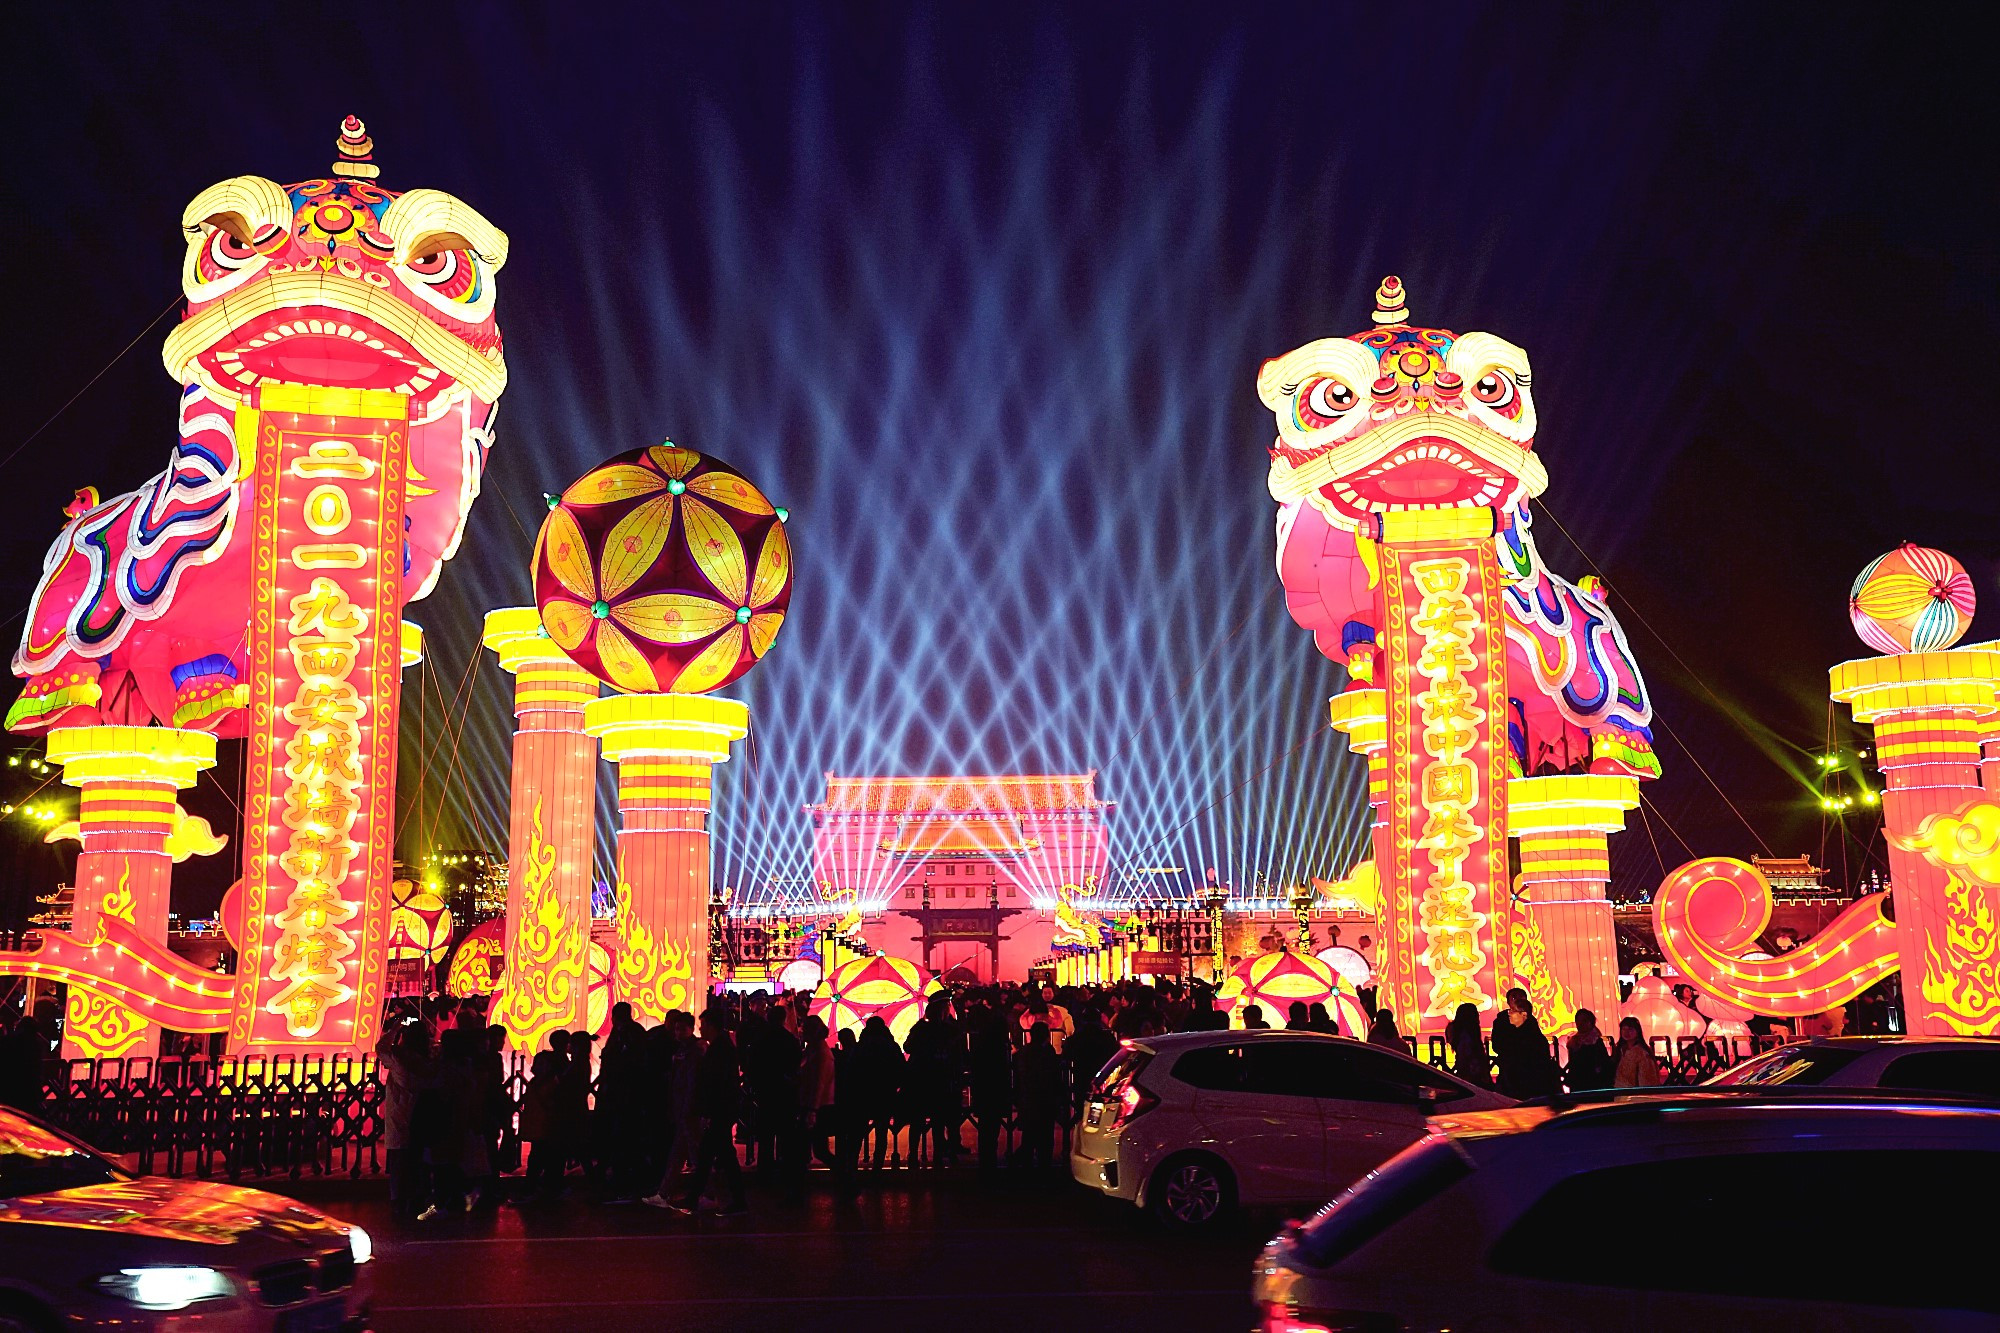 情人节带女朋友来西安城墙祈愿灯廊为她送祝福